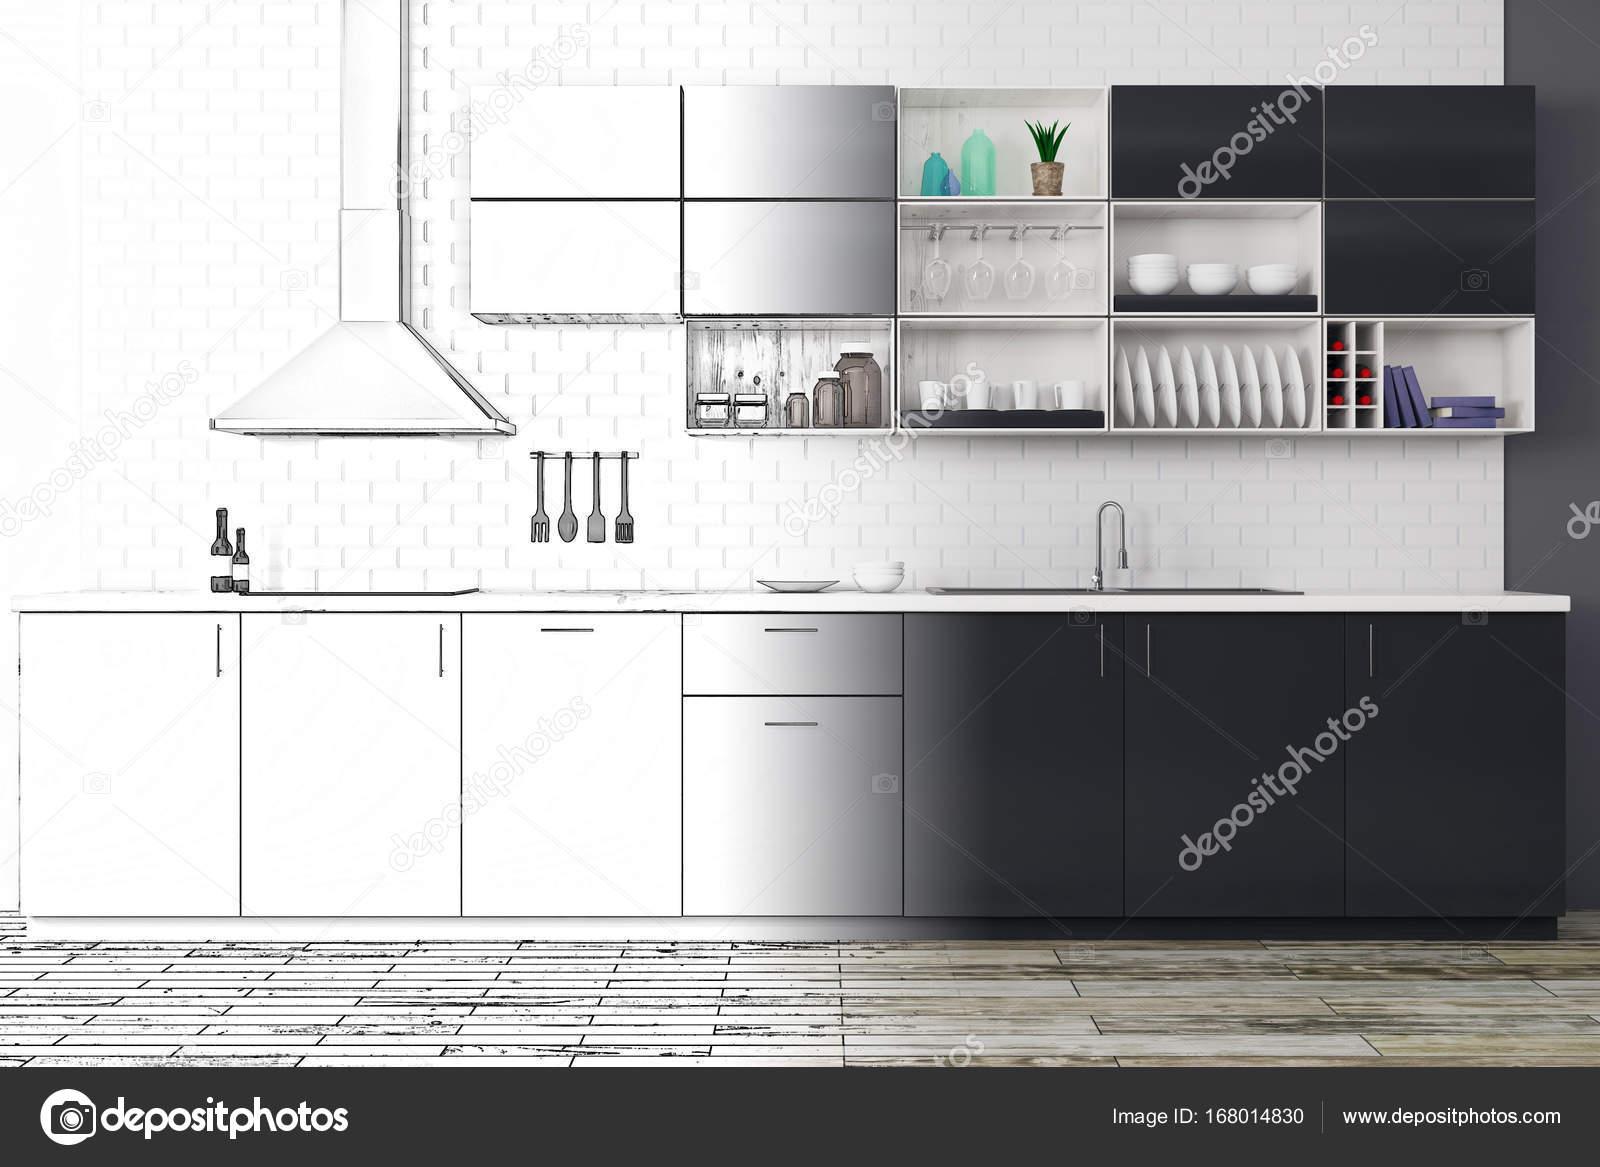 Unvollendete Moderne Küche Interieur Skizze. Projekt-Konzept. 3D ...